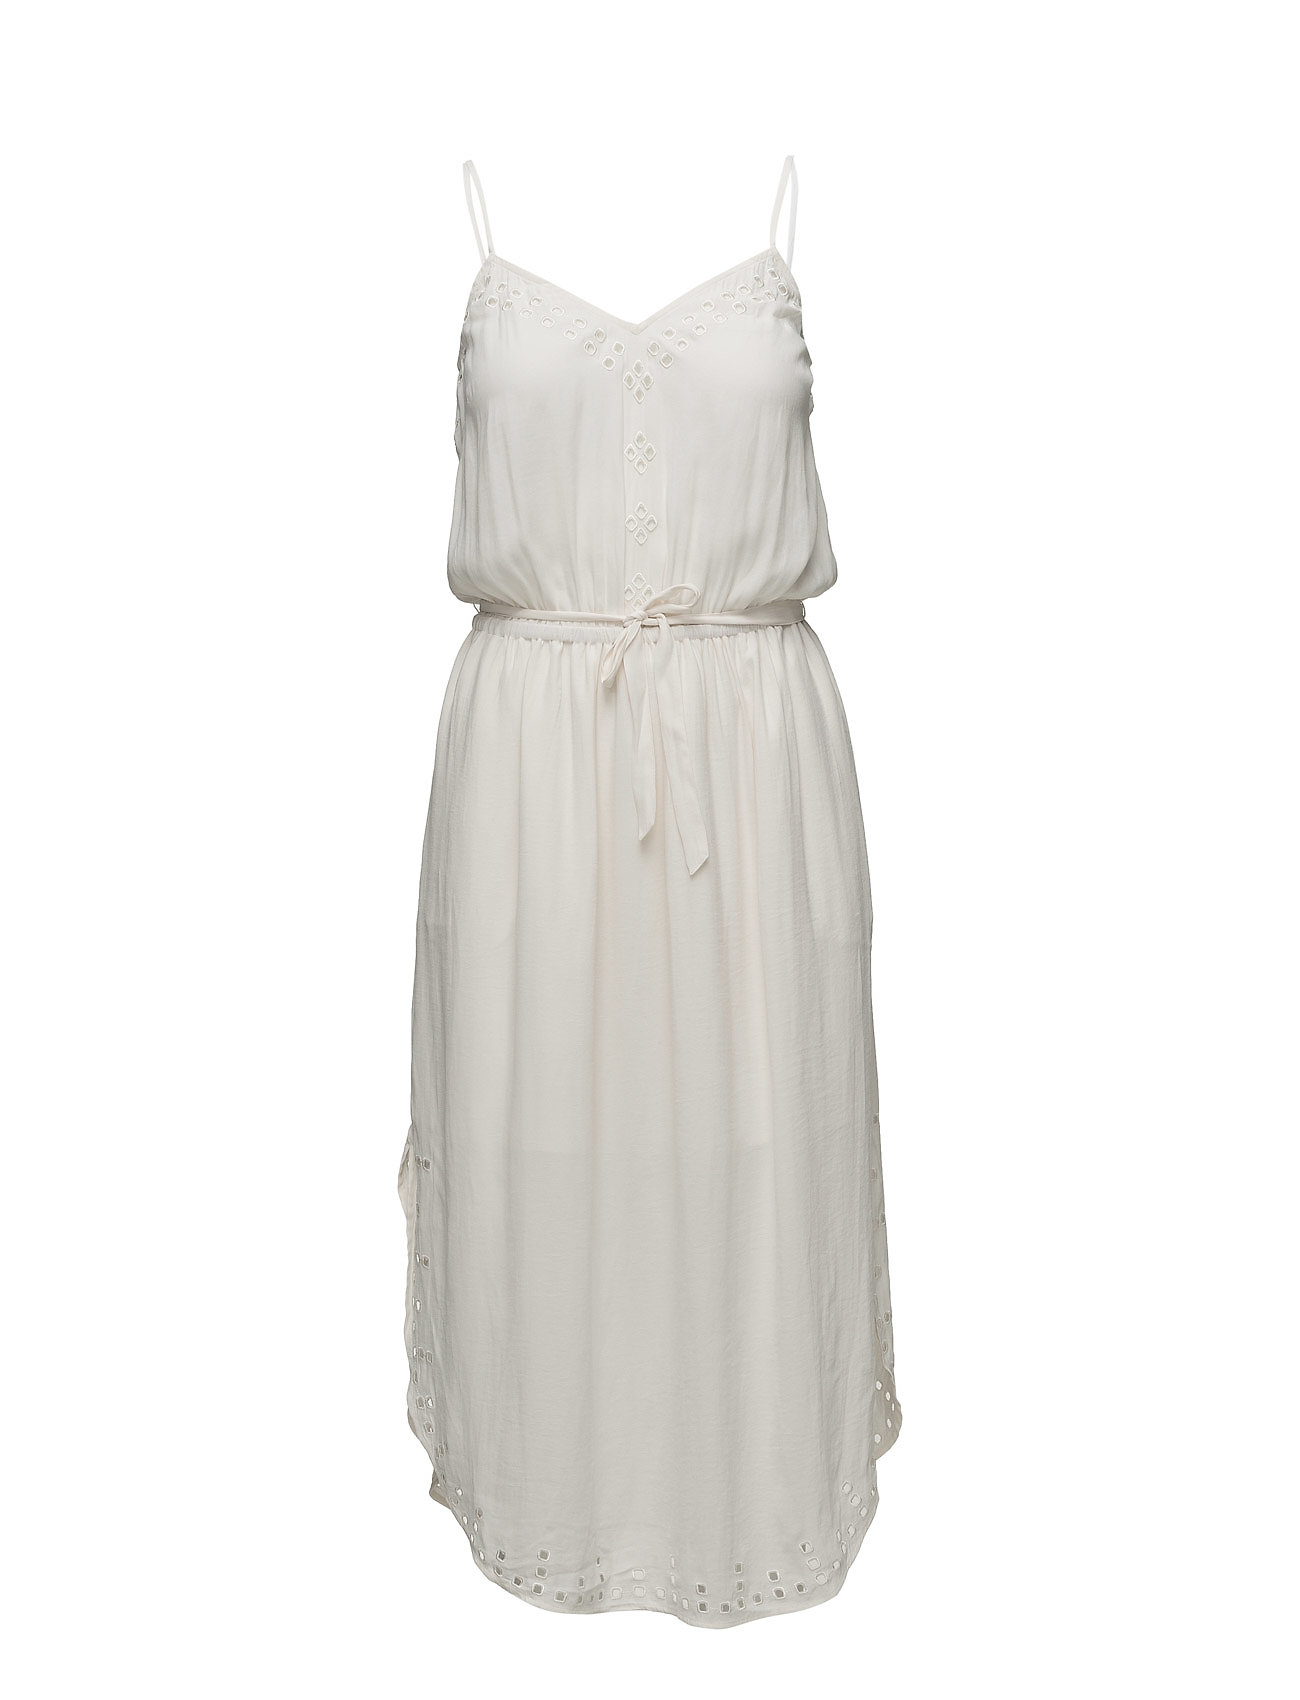 Strapey Summer Dress With Cutouts And High Shirt Tail Hem Scotch & Soda Knælange & mellemlange til Damer i Off White